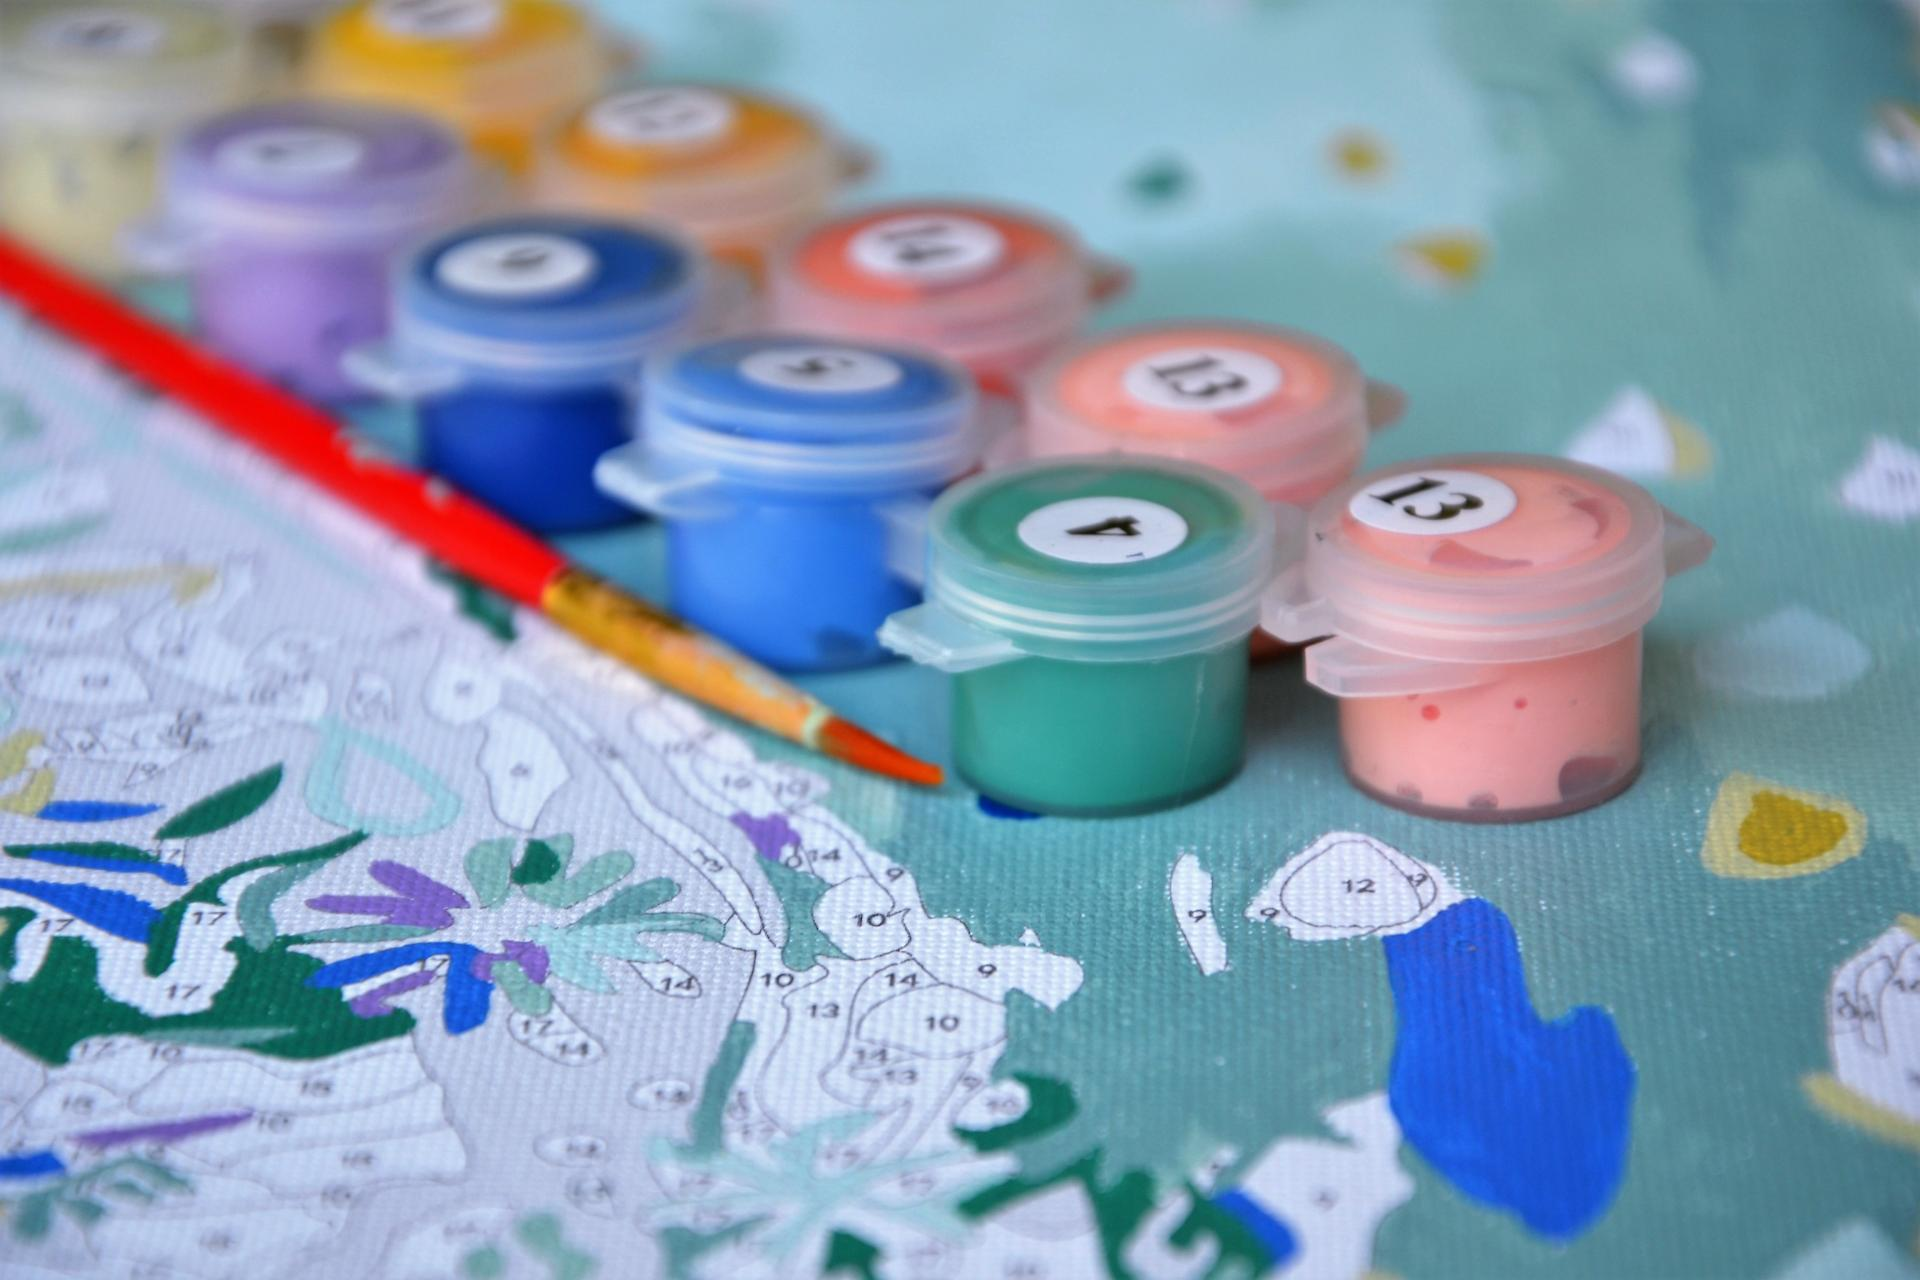 Pintar Números: una de las actividades favoritas a raíz del confinamiento